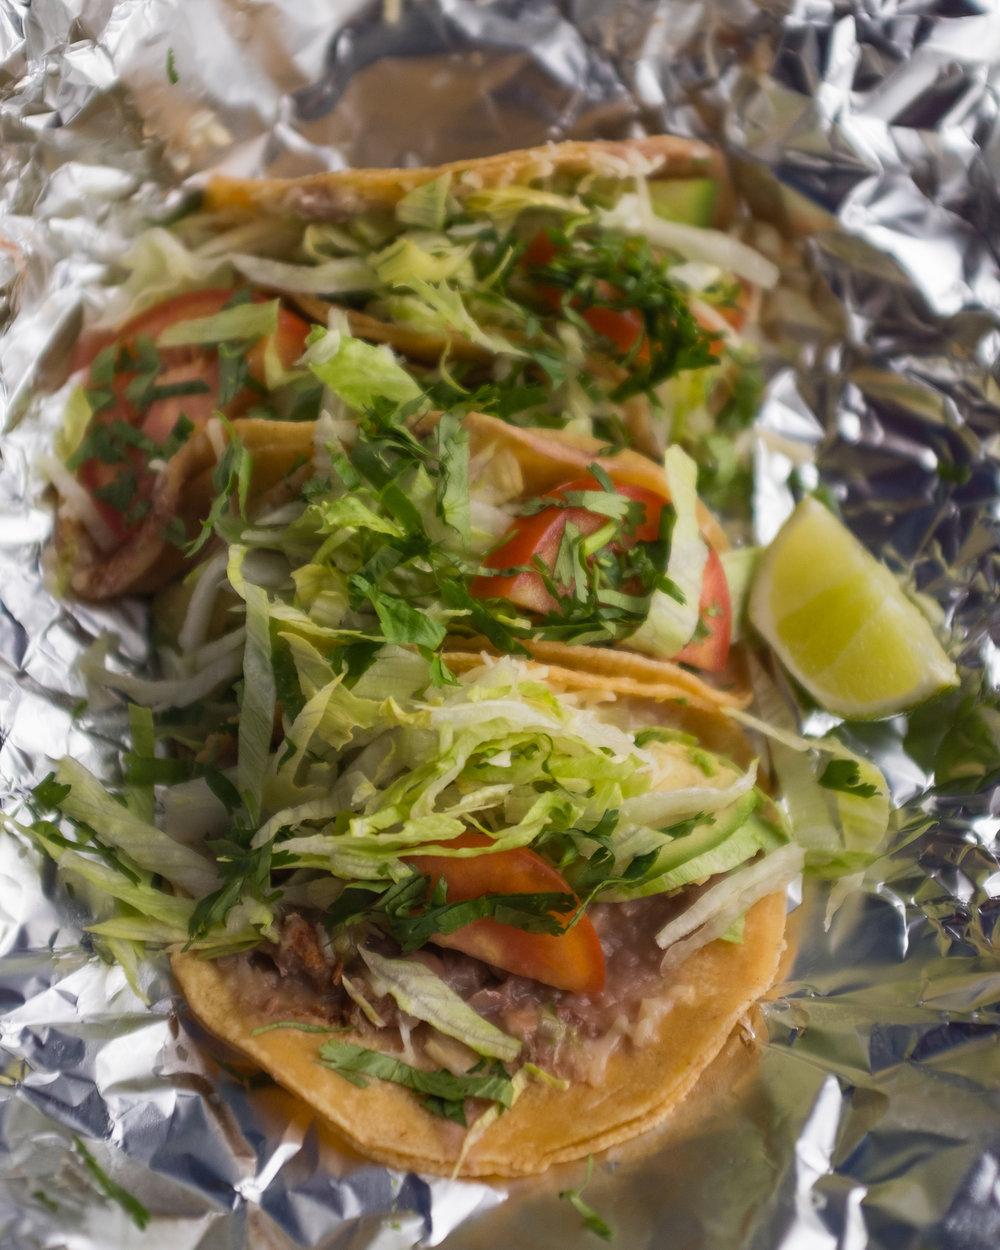 Vegetarian street tacos from Las Trancas